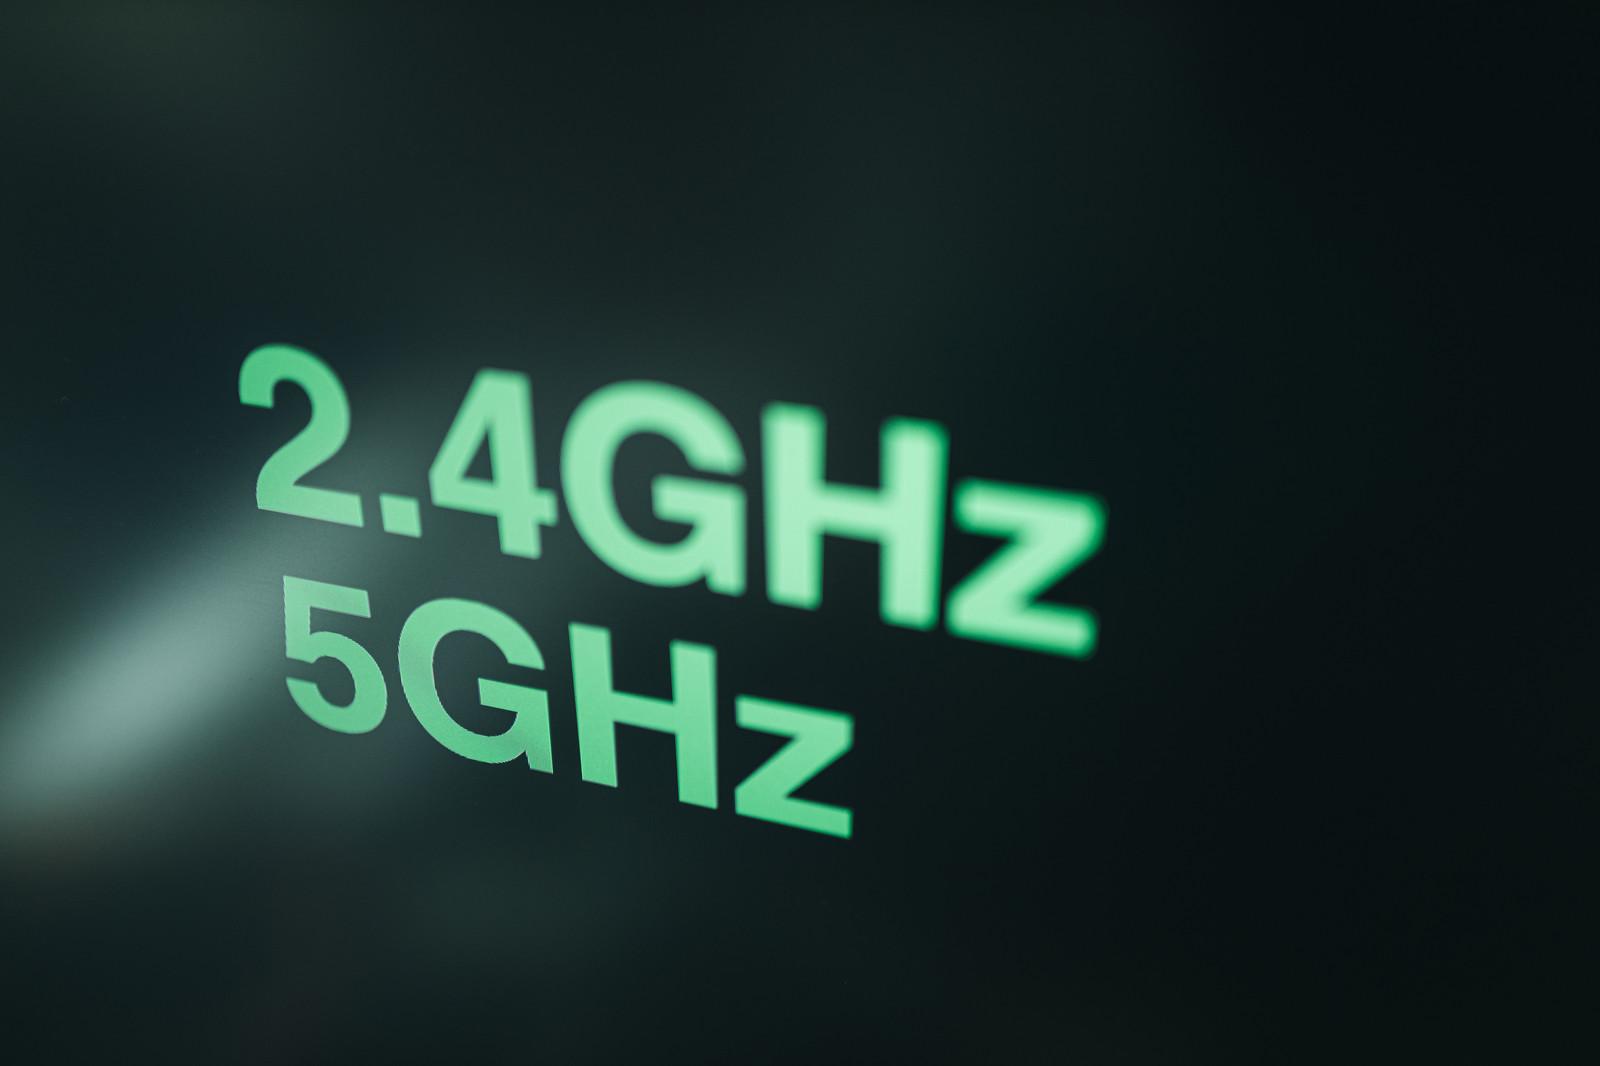 光回線 5ghz